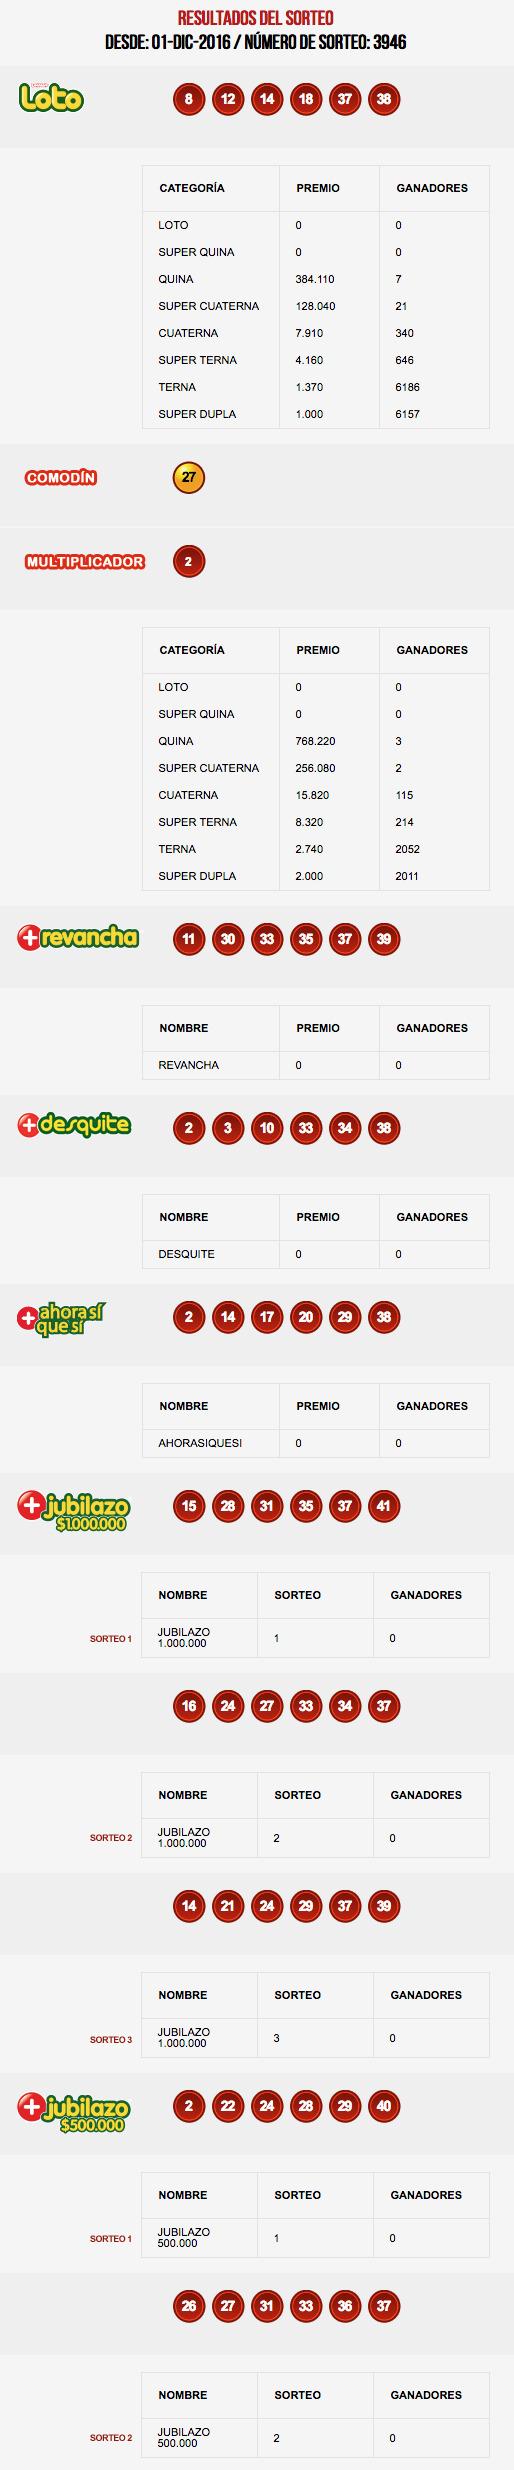 resultados-polla-loto-chile-sorteo-3946-jpeg